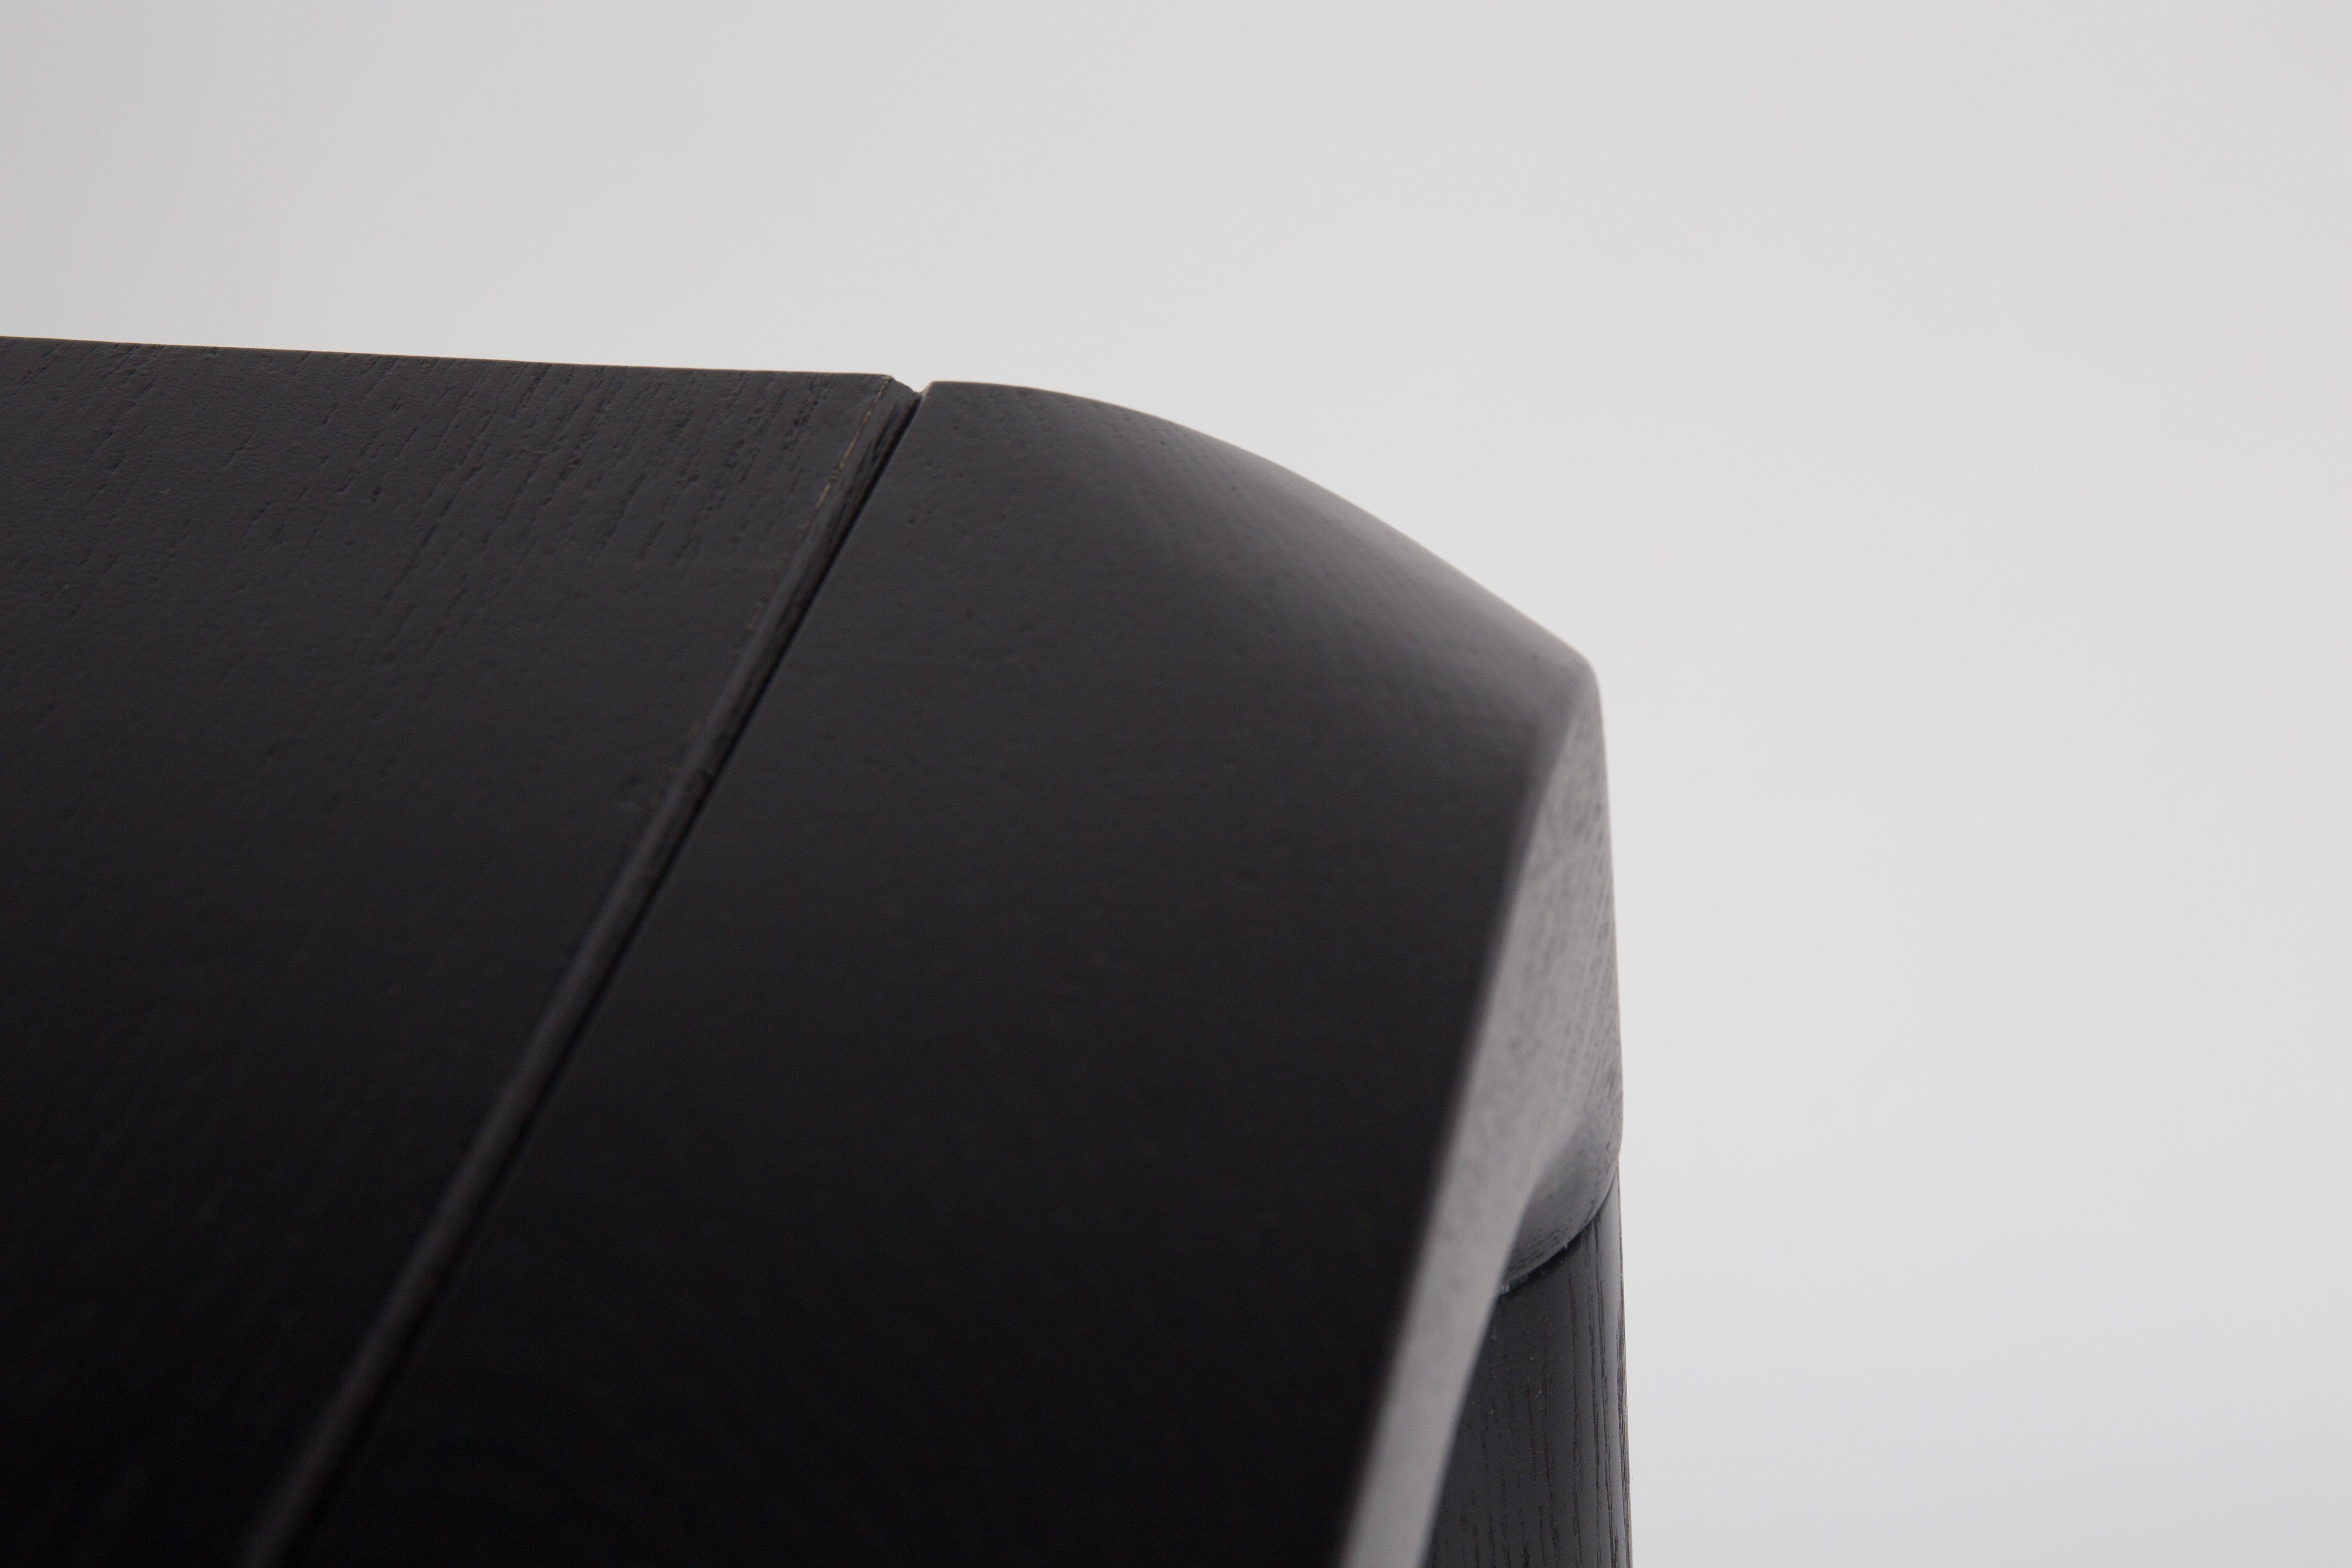 Zuiver - Storm Spisebord - Sort Askefinér - 180 - Sortlakeret spisebord 180 x 90 cm